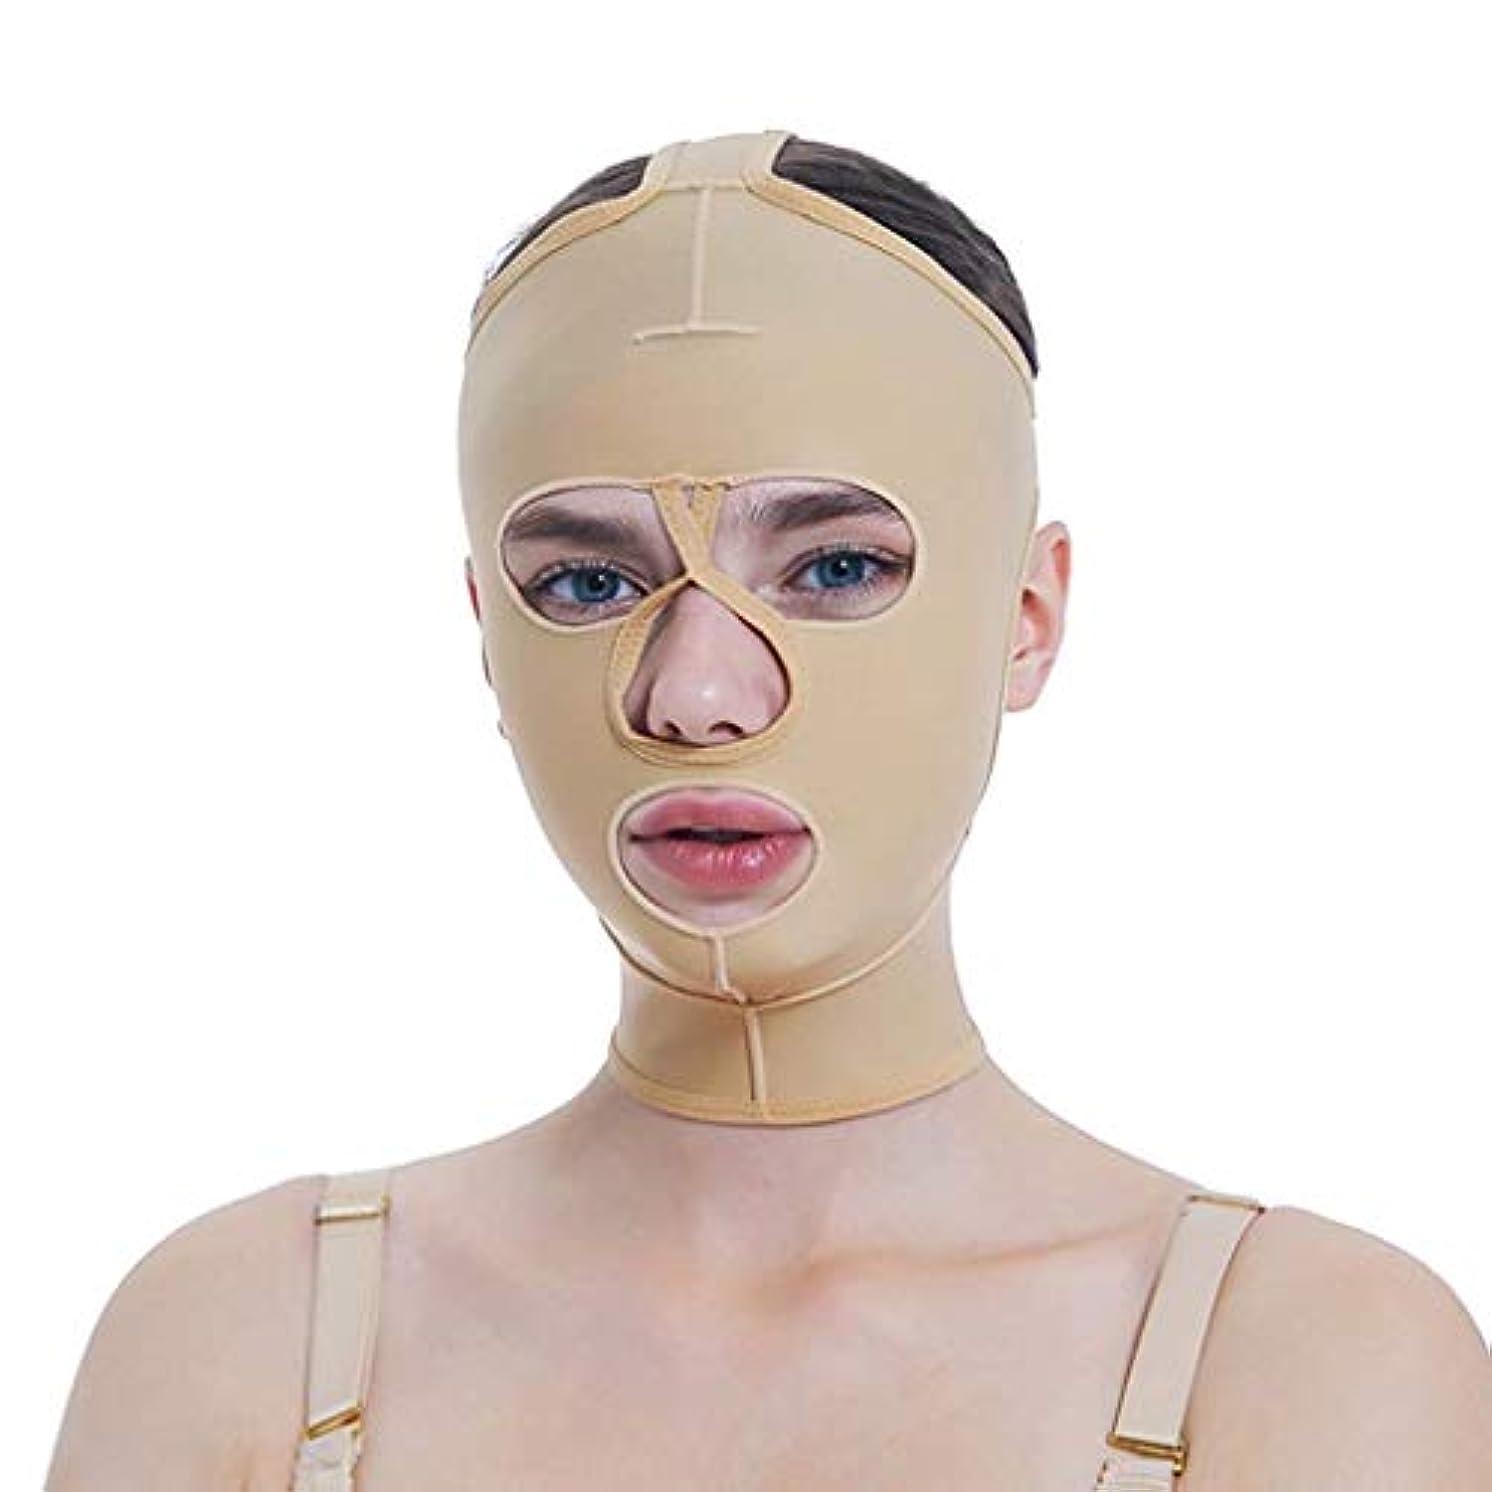 川メアリアンジョーンズ焦がす脂肪吸引術用成形マスク、薄手かつらVフェイスビームフェイス弾性スリーブマルチサイズオプション(サイズ:S)